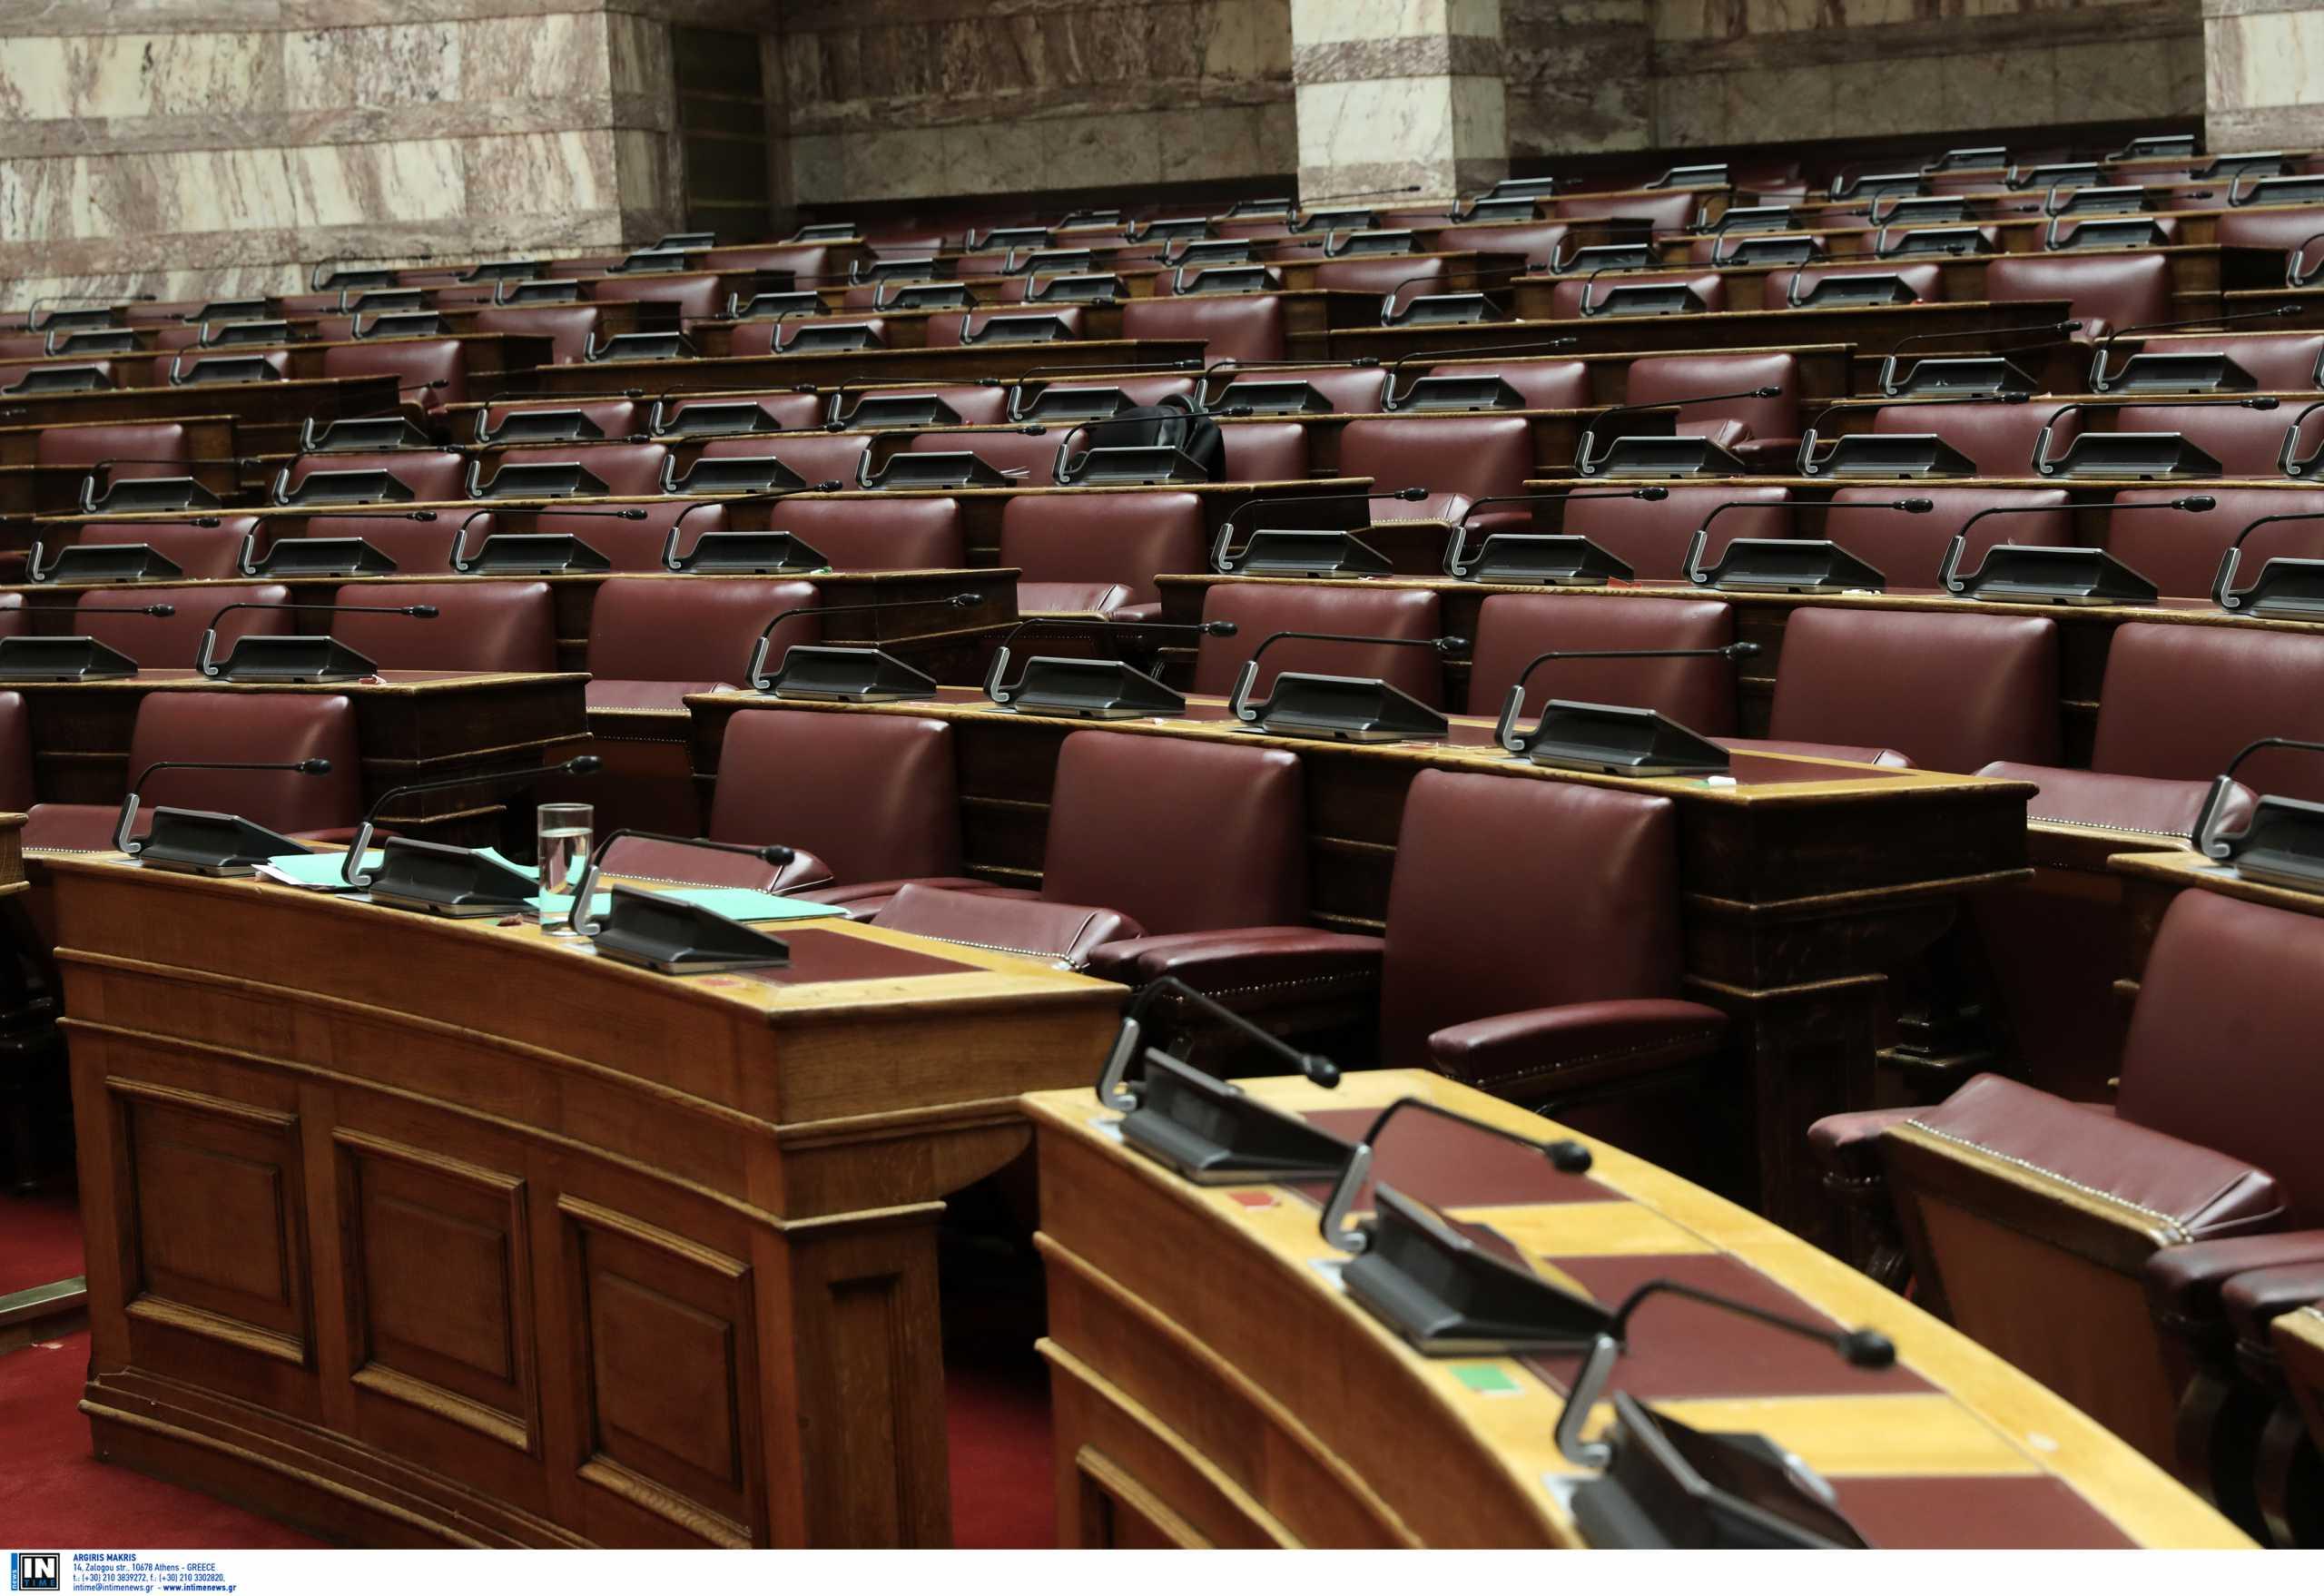 Γκρίνιες βουλευτών της ΝΔ για υπουργούς στην Κοινοβουλευτική Ομάδα